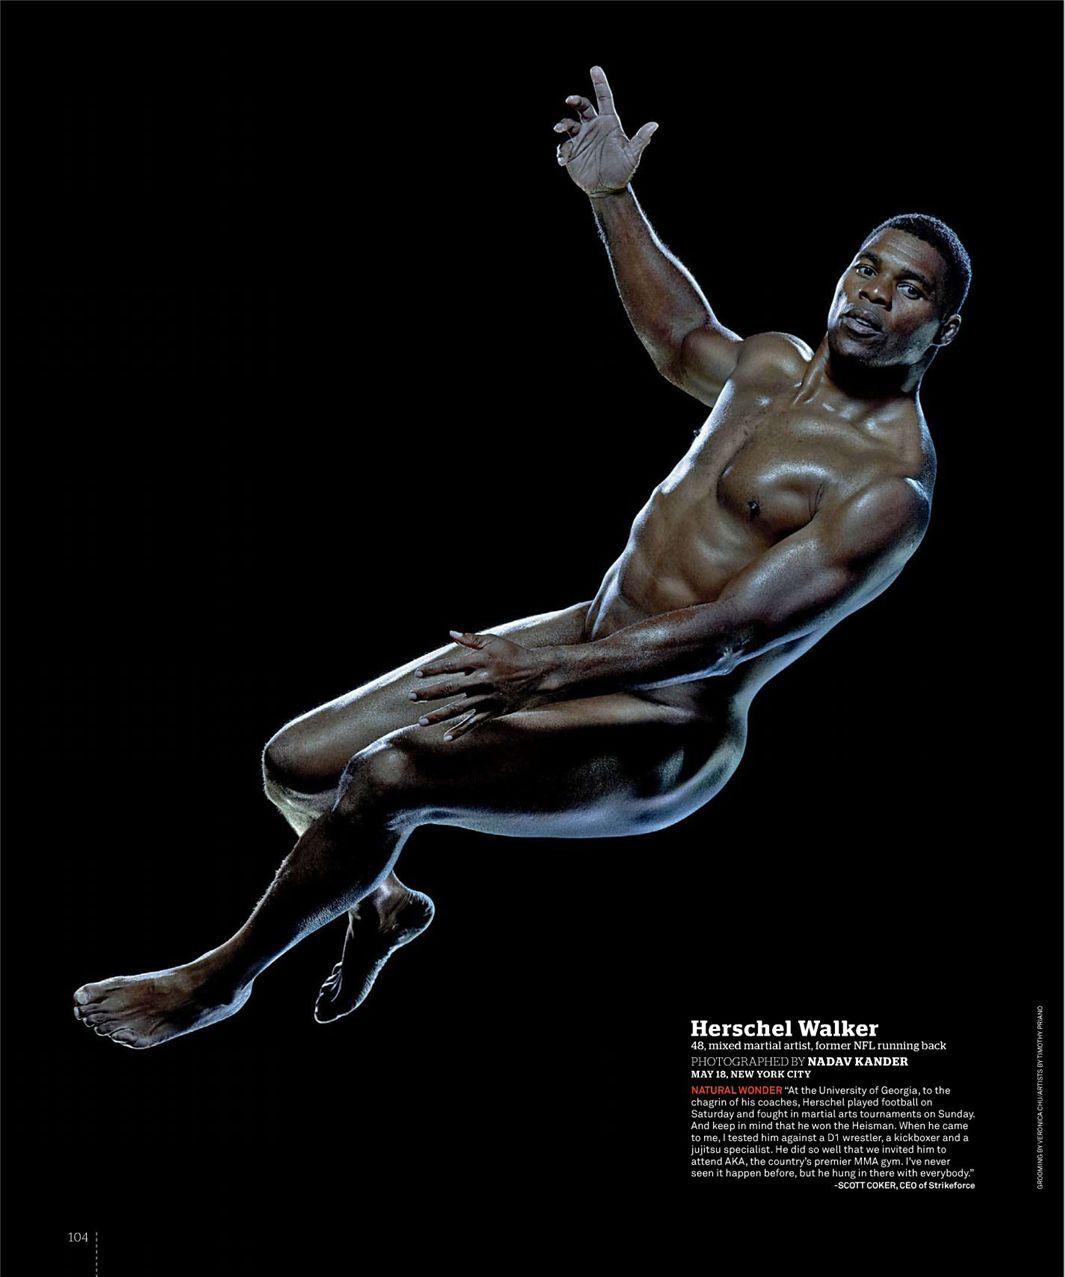 Хершел Уолкер / Herschel Walker - ESPN Magazine Body Issue 18 october 2010